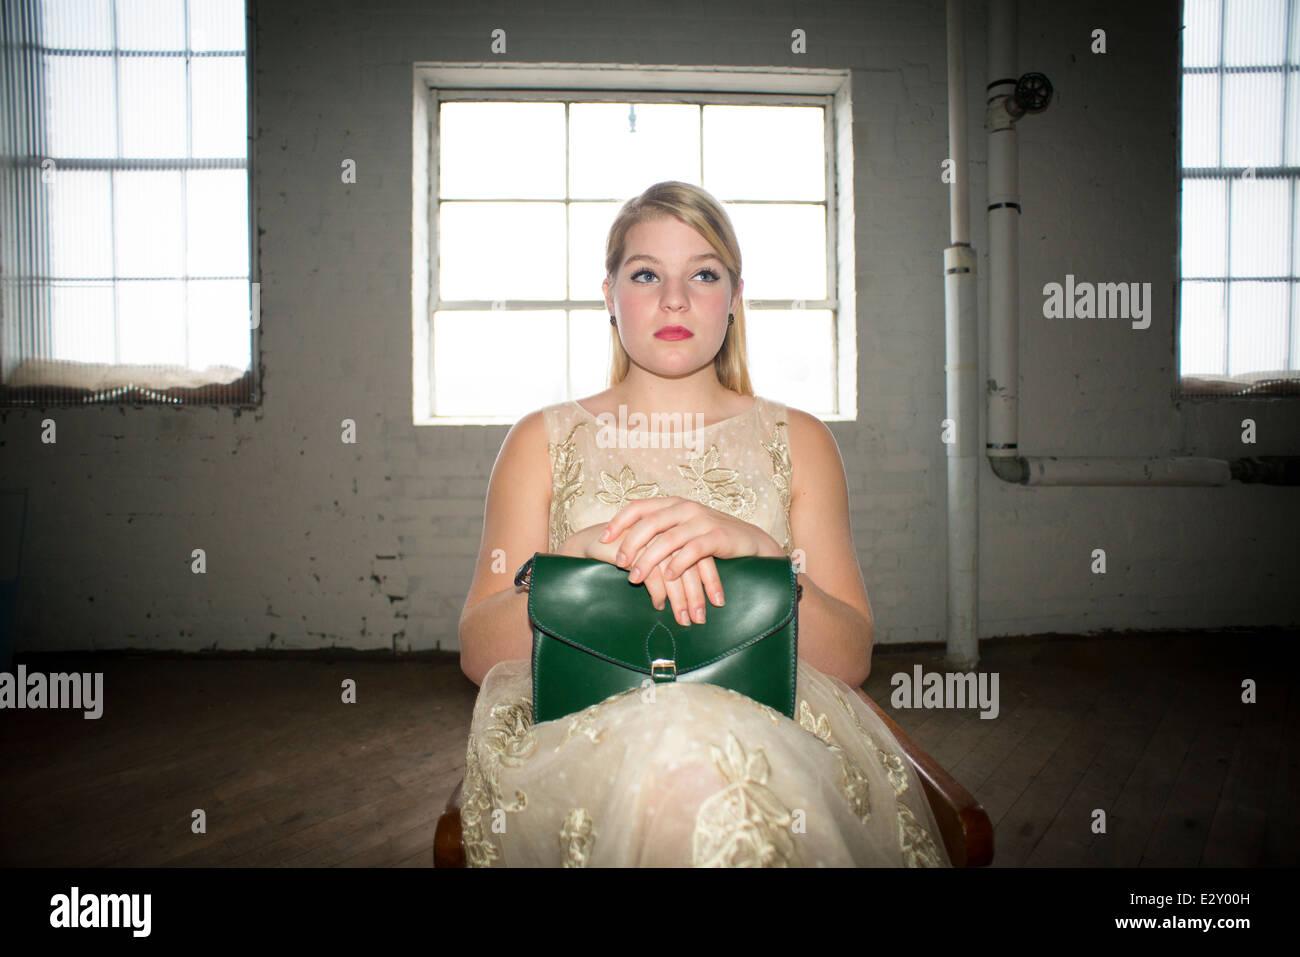 Un 16-year-old woman femme portant une robe en dentelle des années 60 tenant un sac à main vert vintage Photo Stock